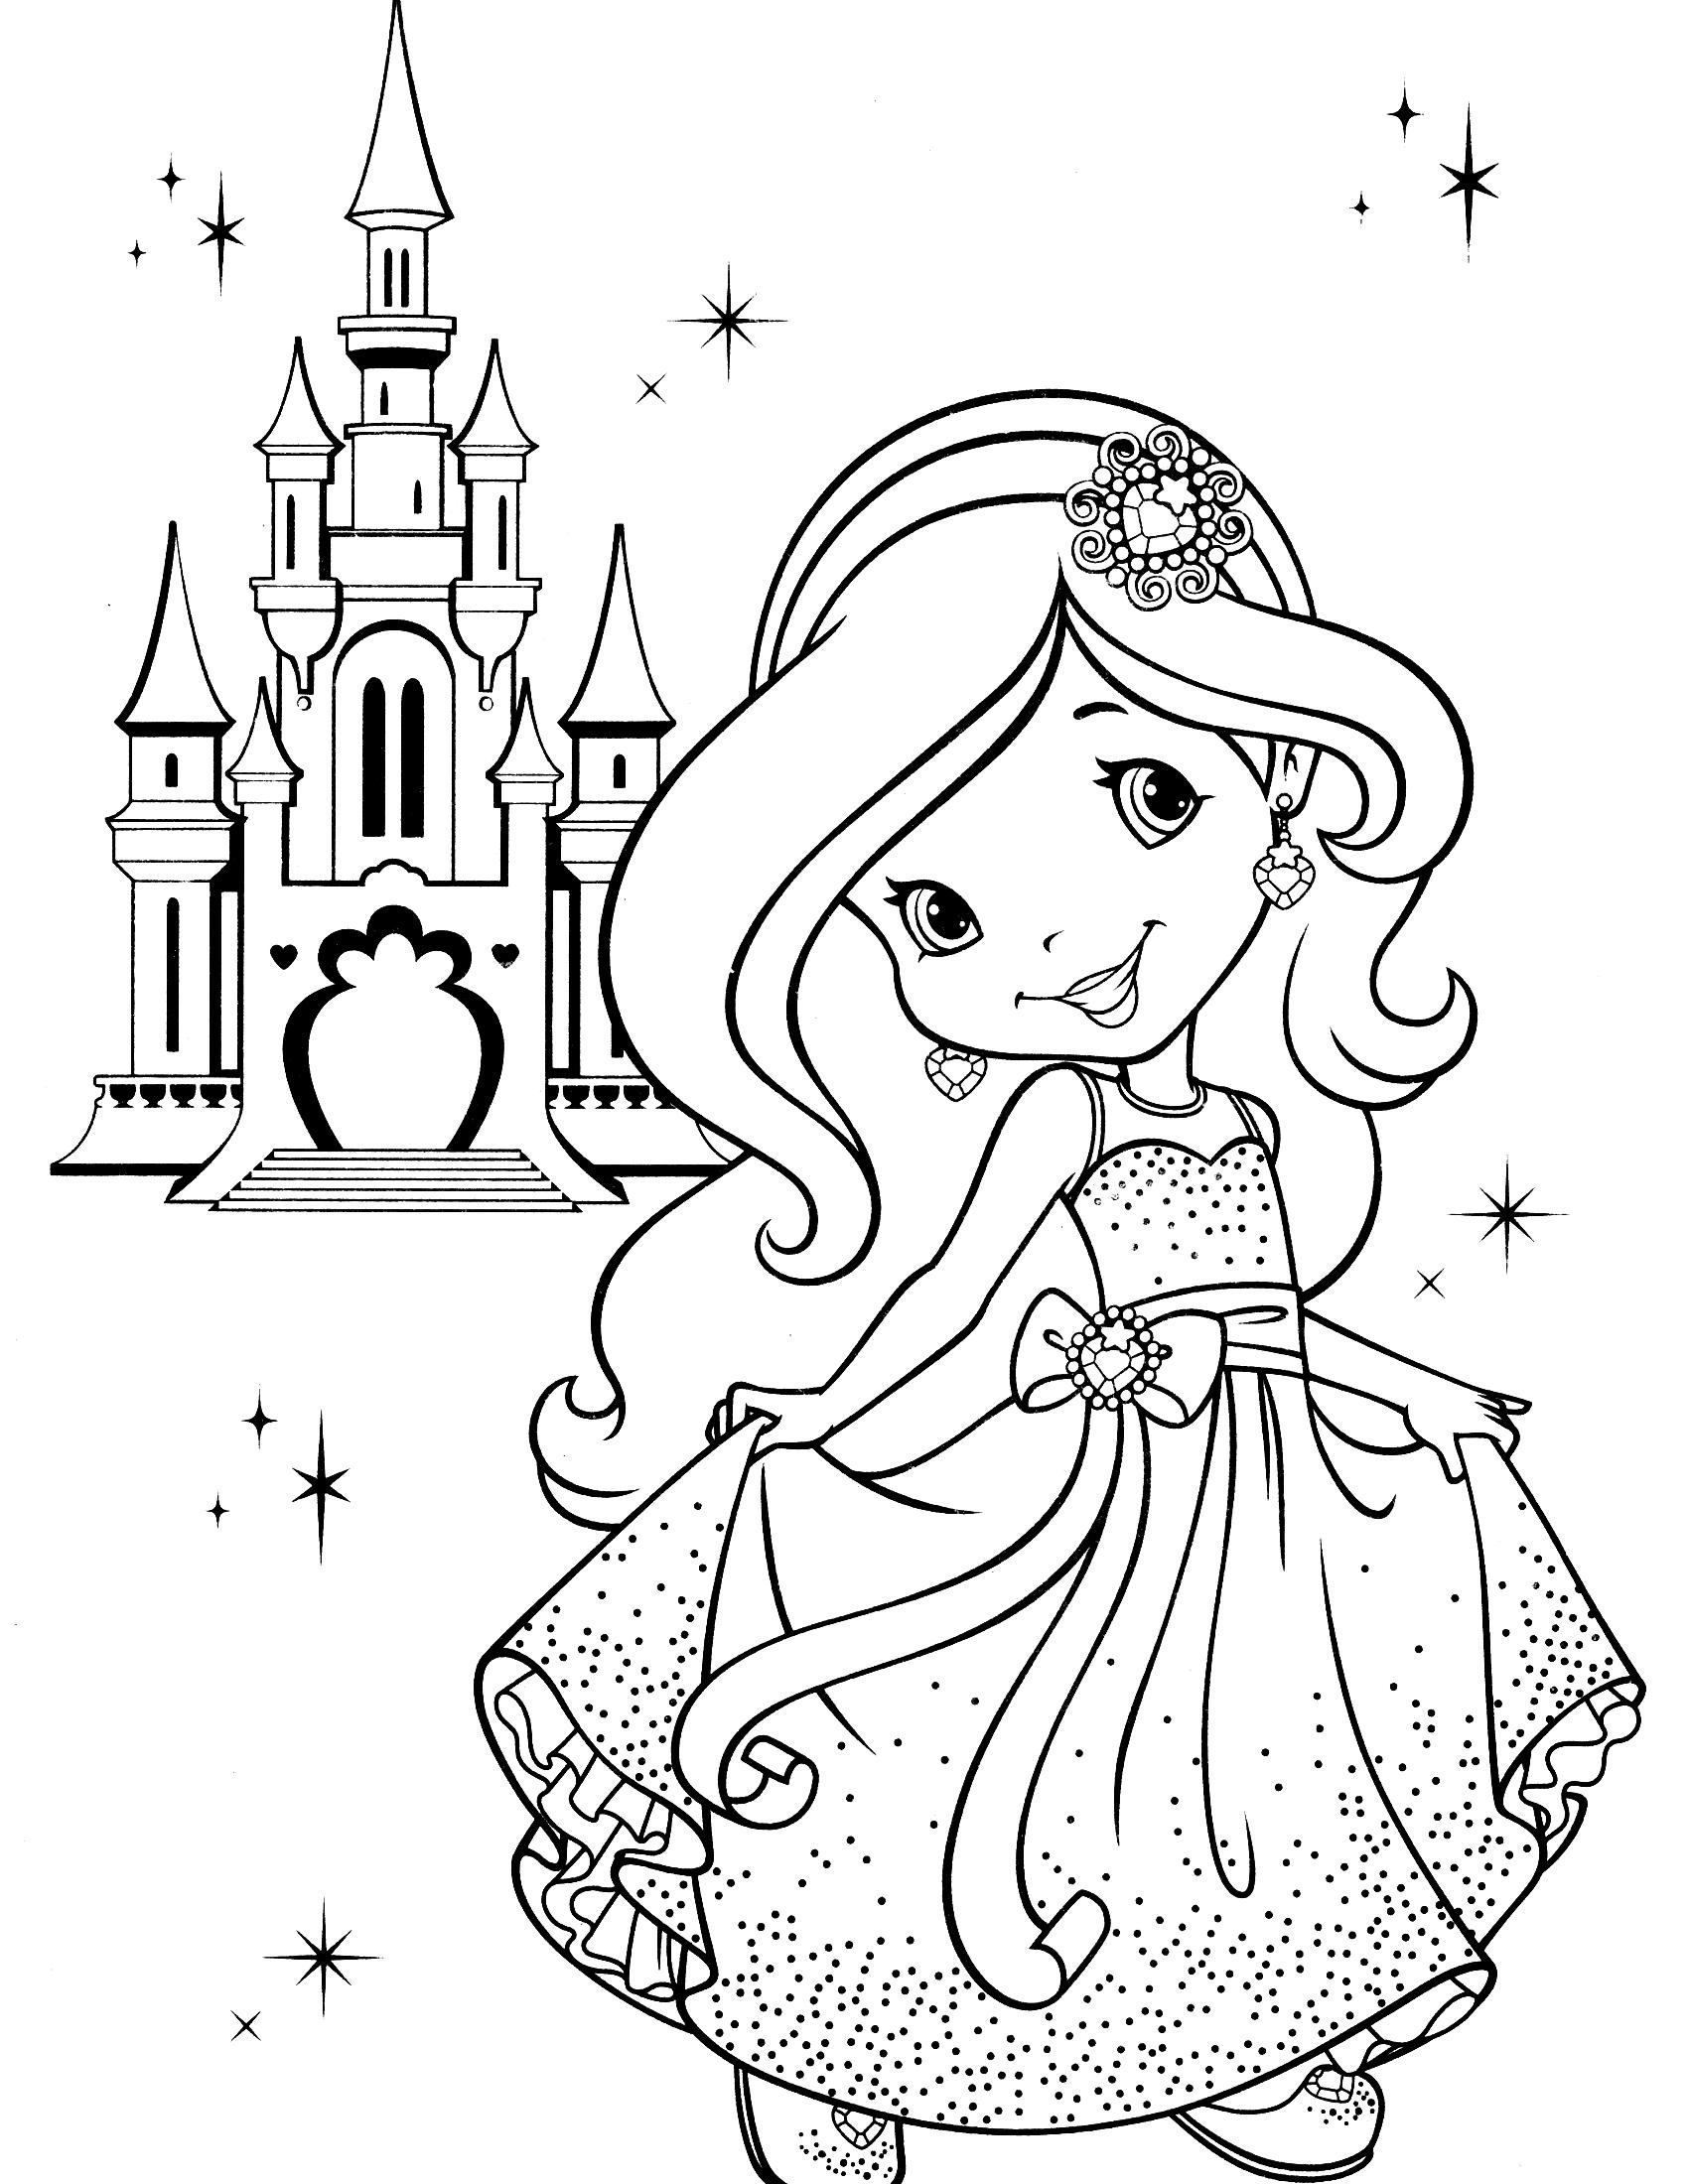 Princesas para colorir e pintar 18 aprender a desenhar - Aprender a pintar ...